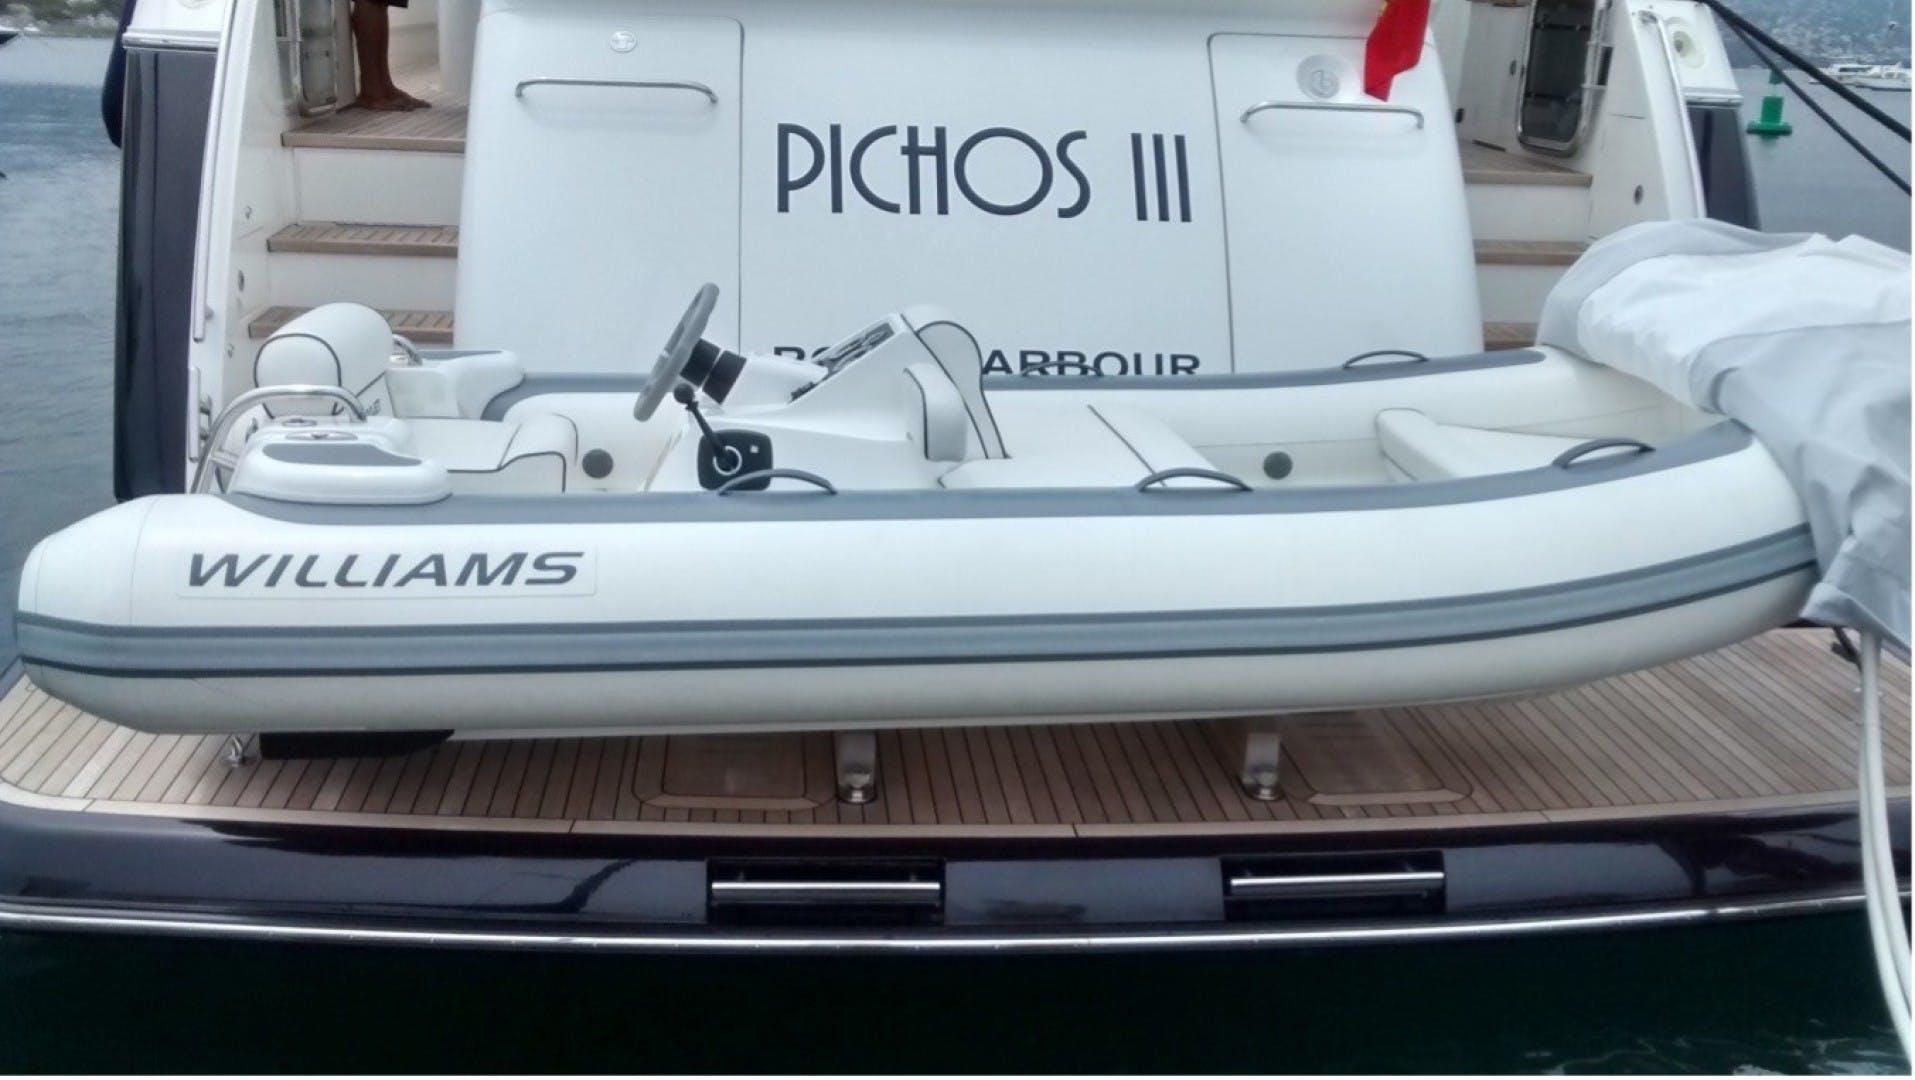 2014 Princess Yachts 72'  PISCHOS III | Picture 1 of 19